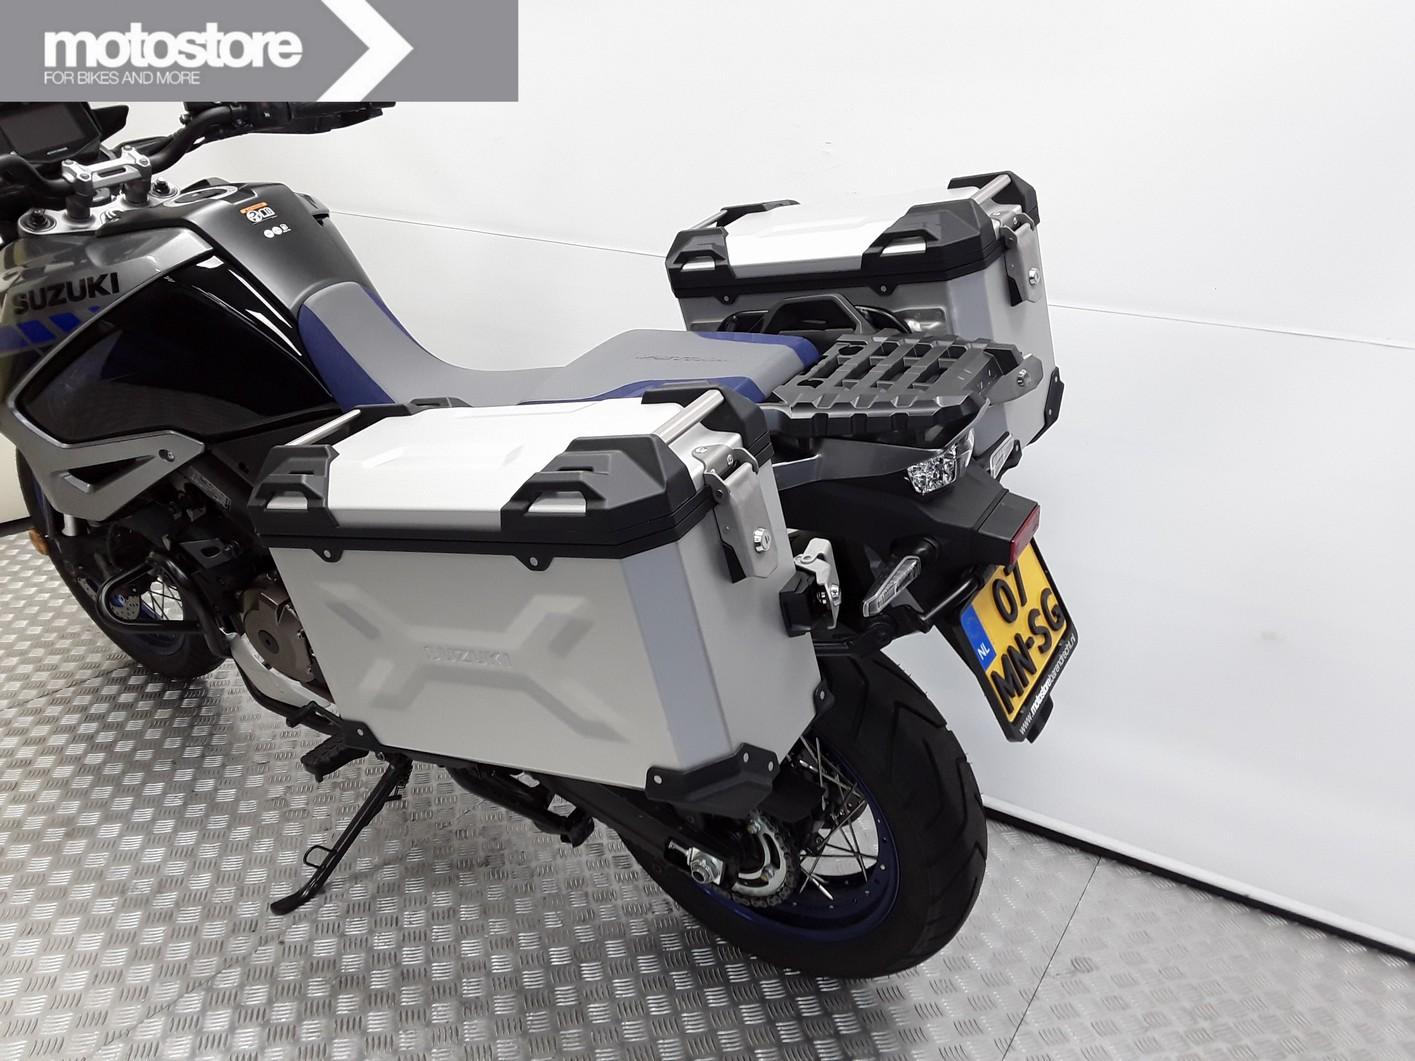 SUZUKI - DL 1050 XT